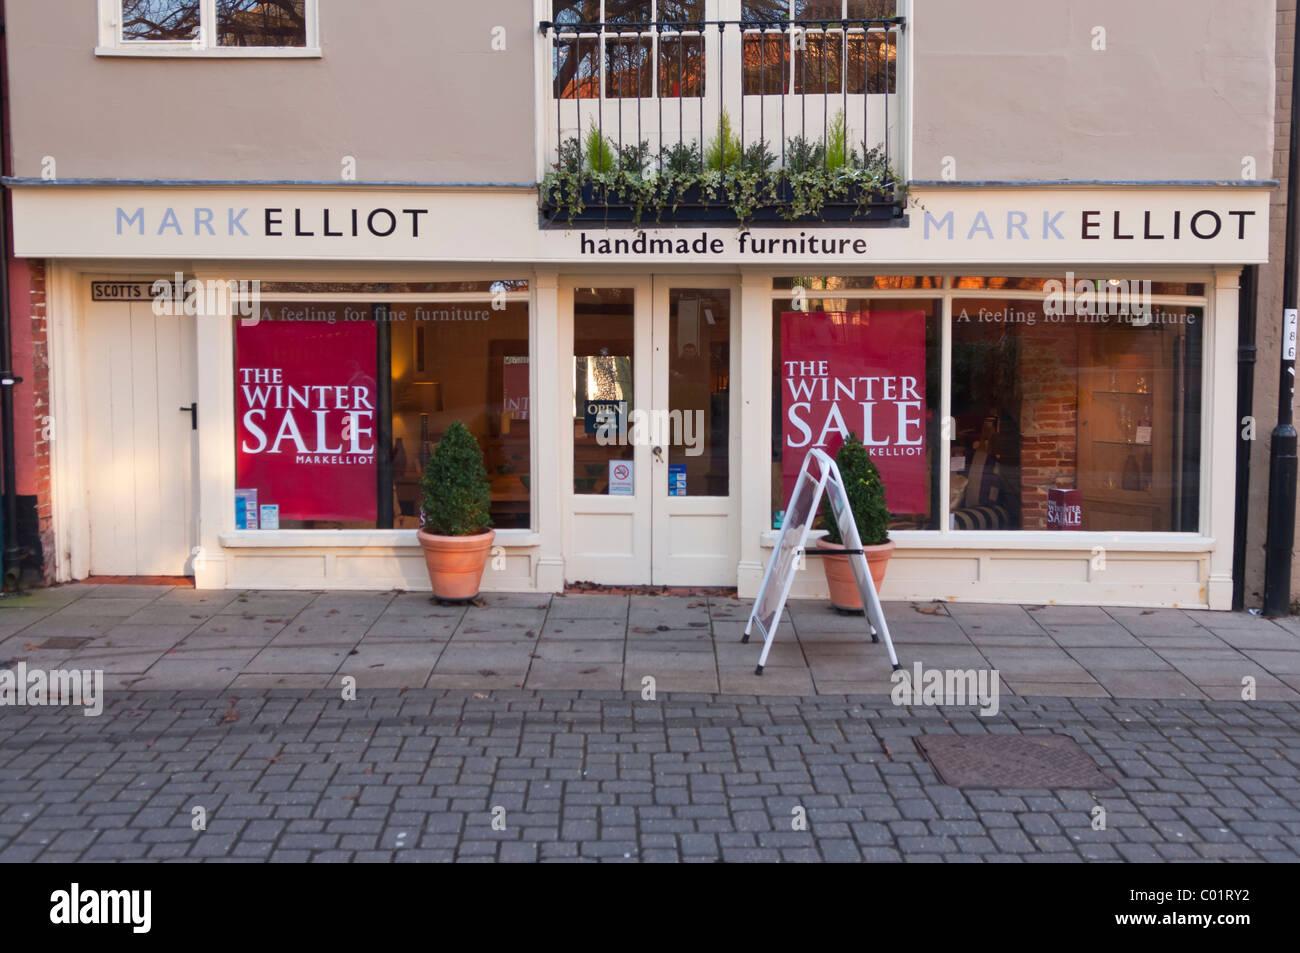 Il marchio Elliot mobili artigianali shop store in Norwich , Norfolk , Inghilterra , Inghilterra , Regno Unito Immagini Stock